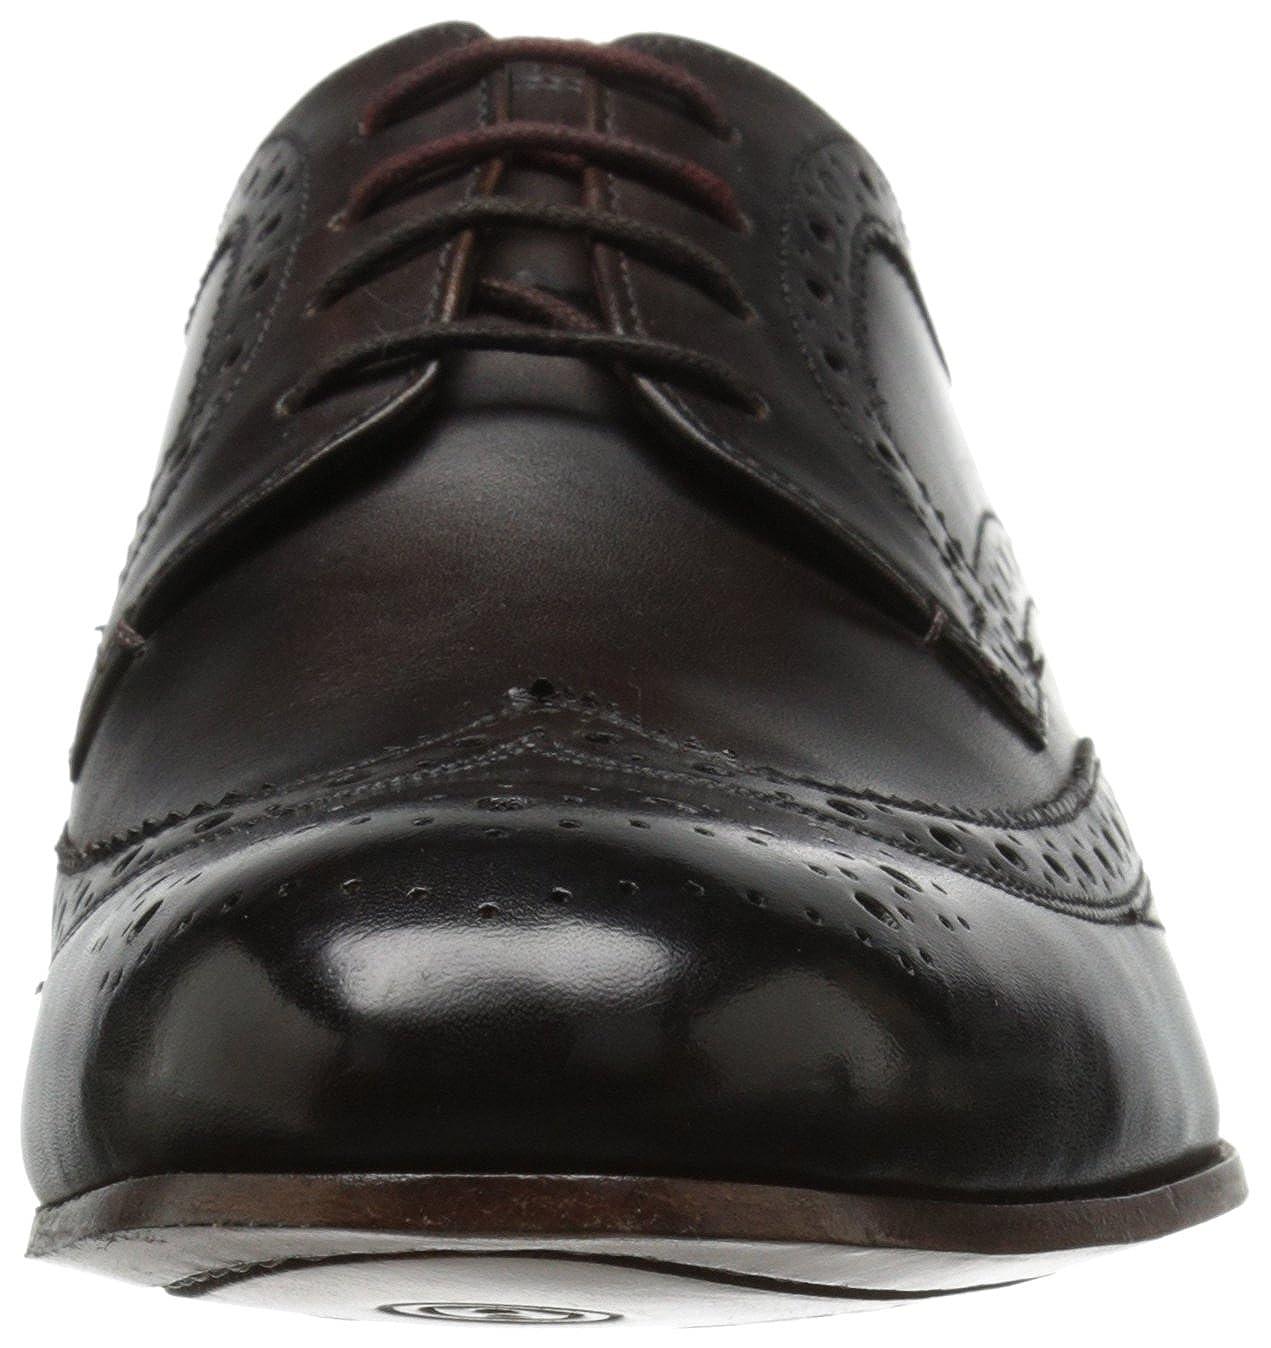 5f19c877d9953 Amazon.com  Ted Baker Men s Gryene Oxford  Shoes